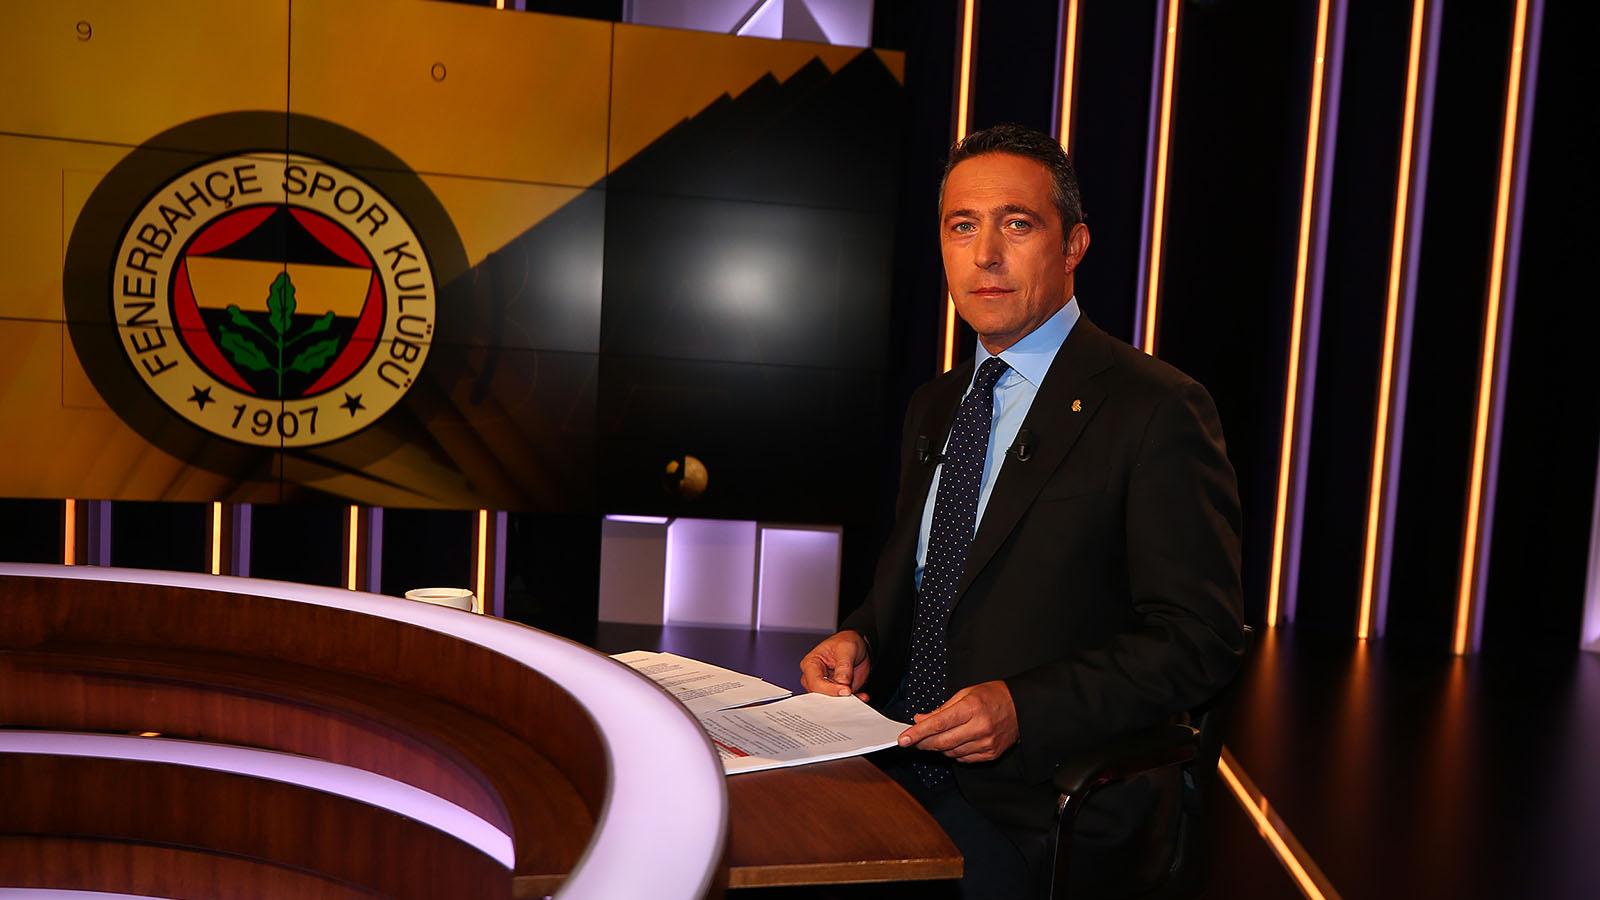 Başkanımız Ali Koç, beIN SPORTS'un konuğu oldu ve gündeme ilişkin açıklamalarda bulundu